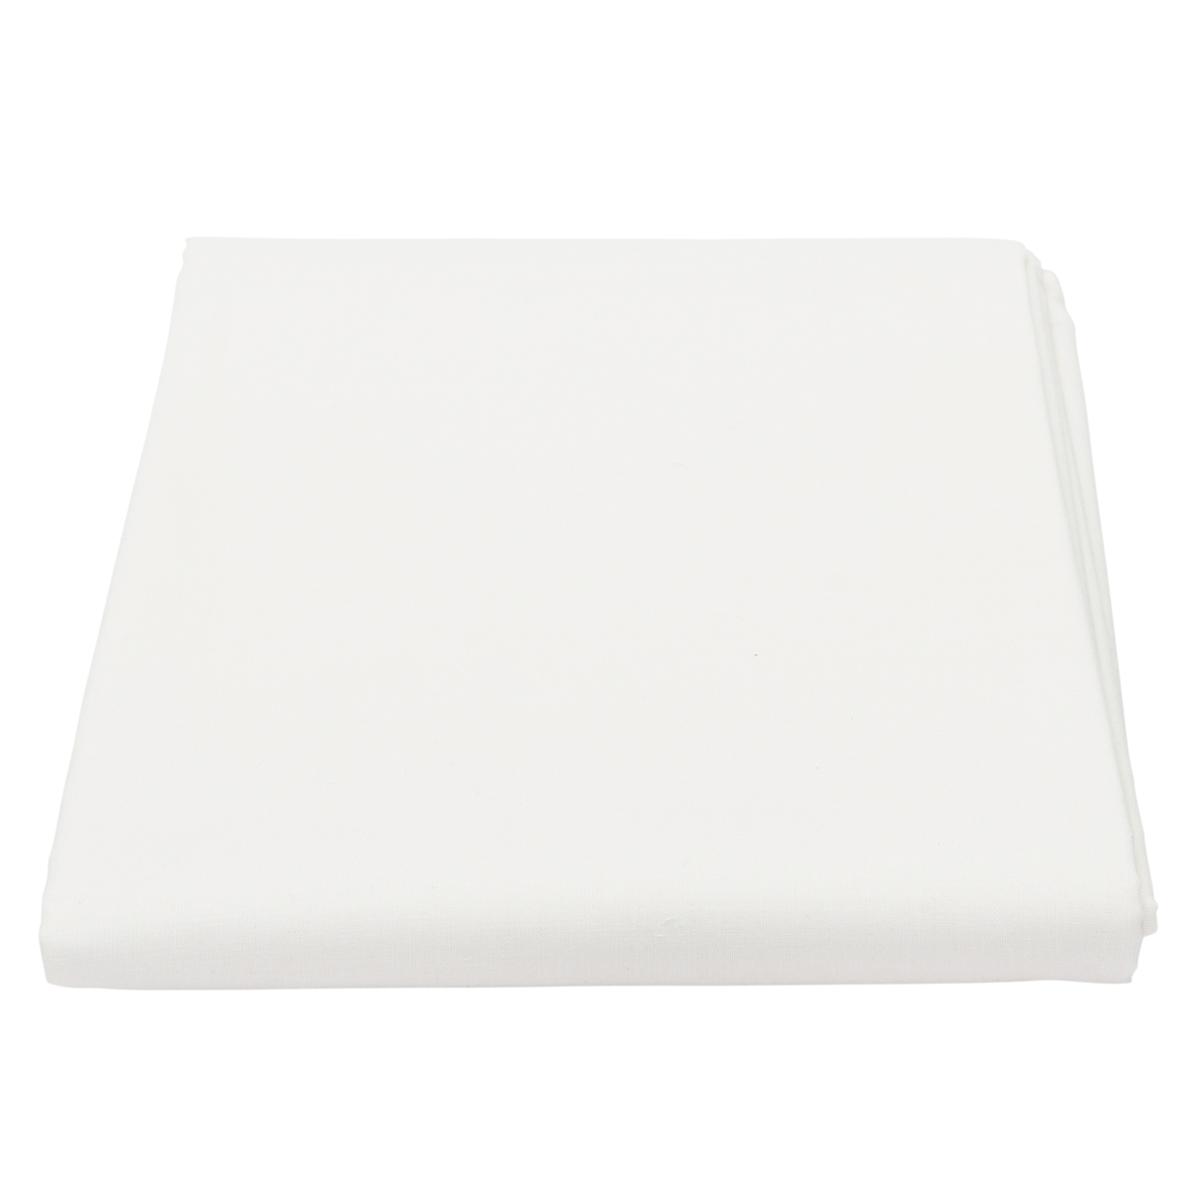 Linge de lit Drap Housse Sena Blanc - 70 x 100 cm Drap Housse Sena Blanc - 70 x 100 cm